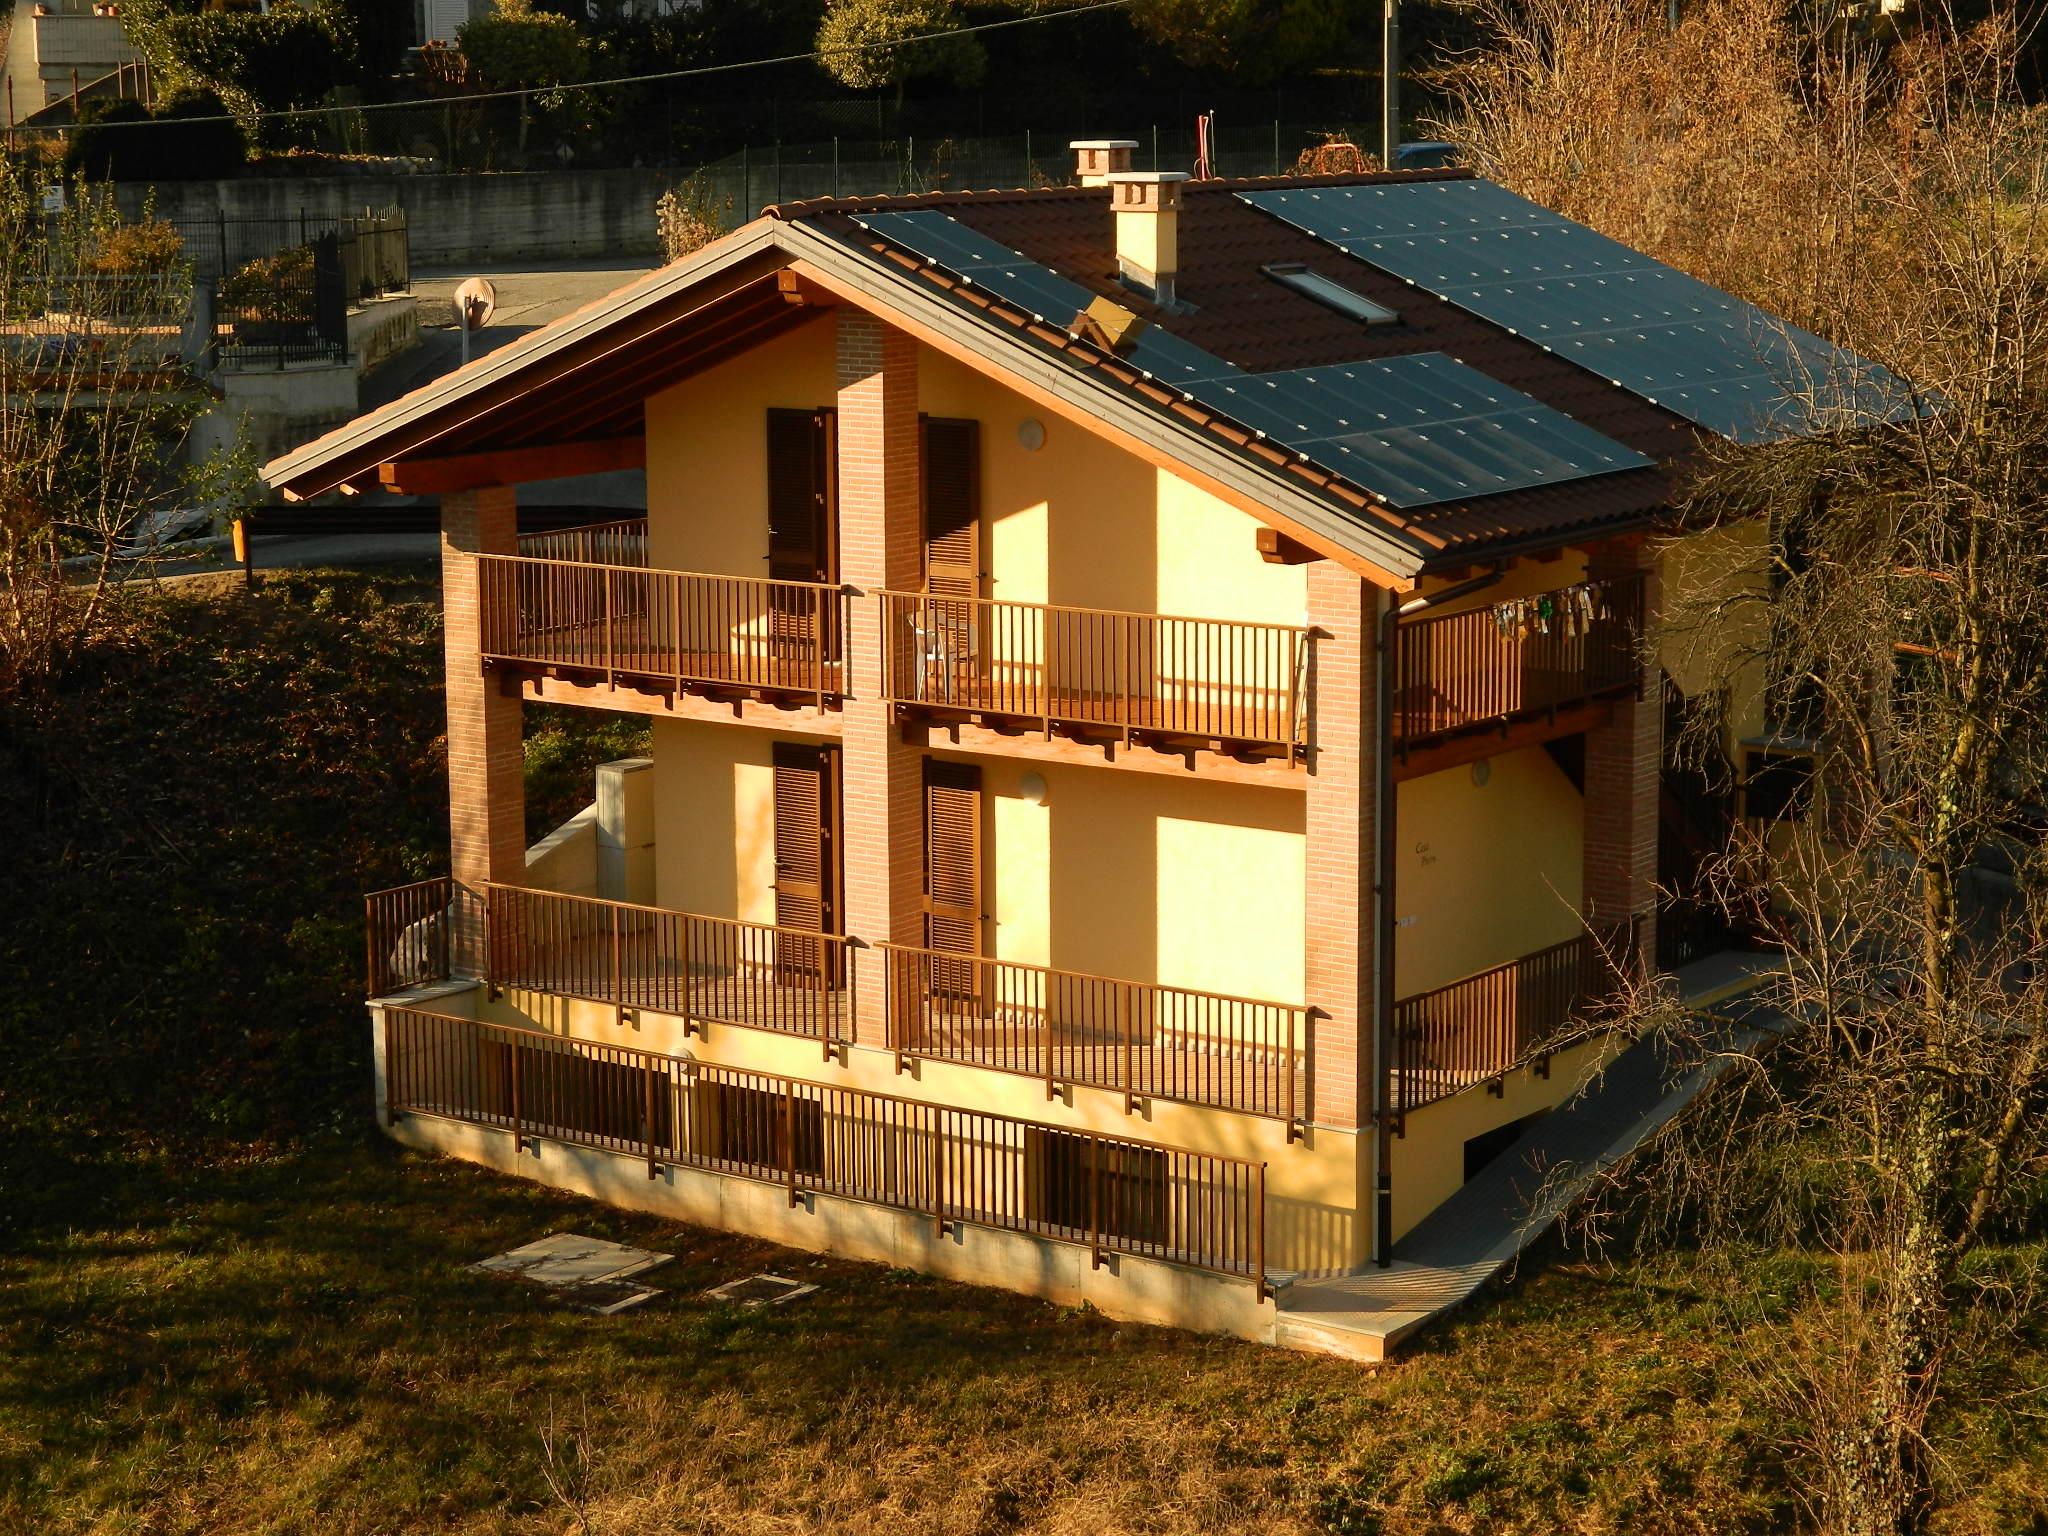 case mobili nuove: case in legno di seconda mano ... - Case Mobili Nuove